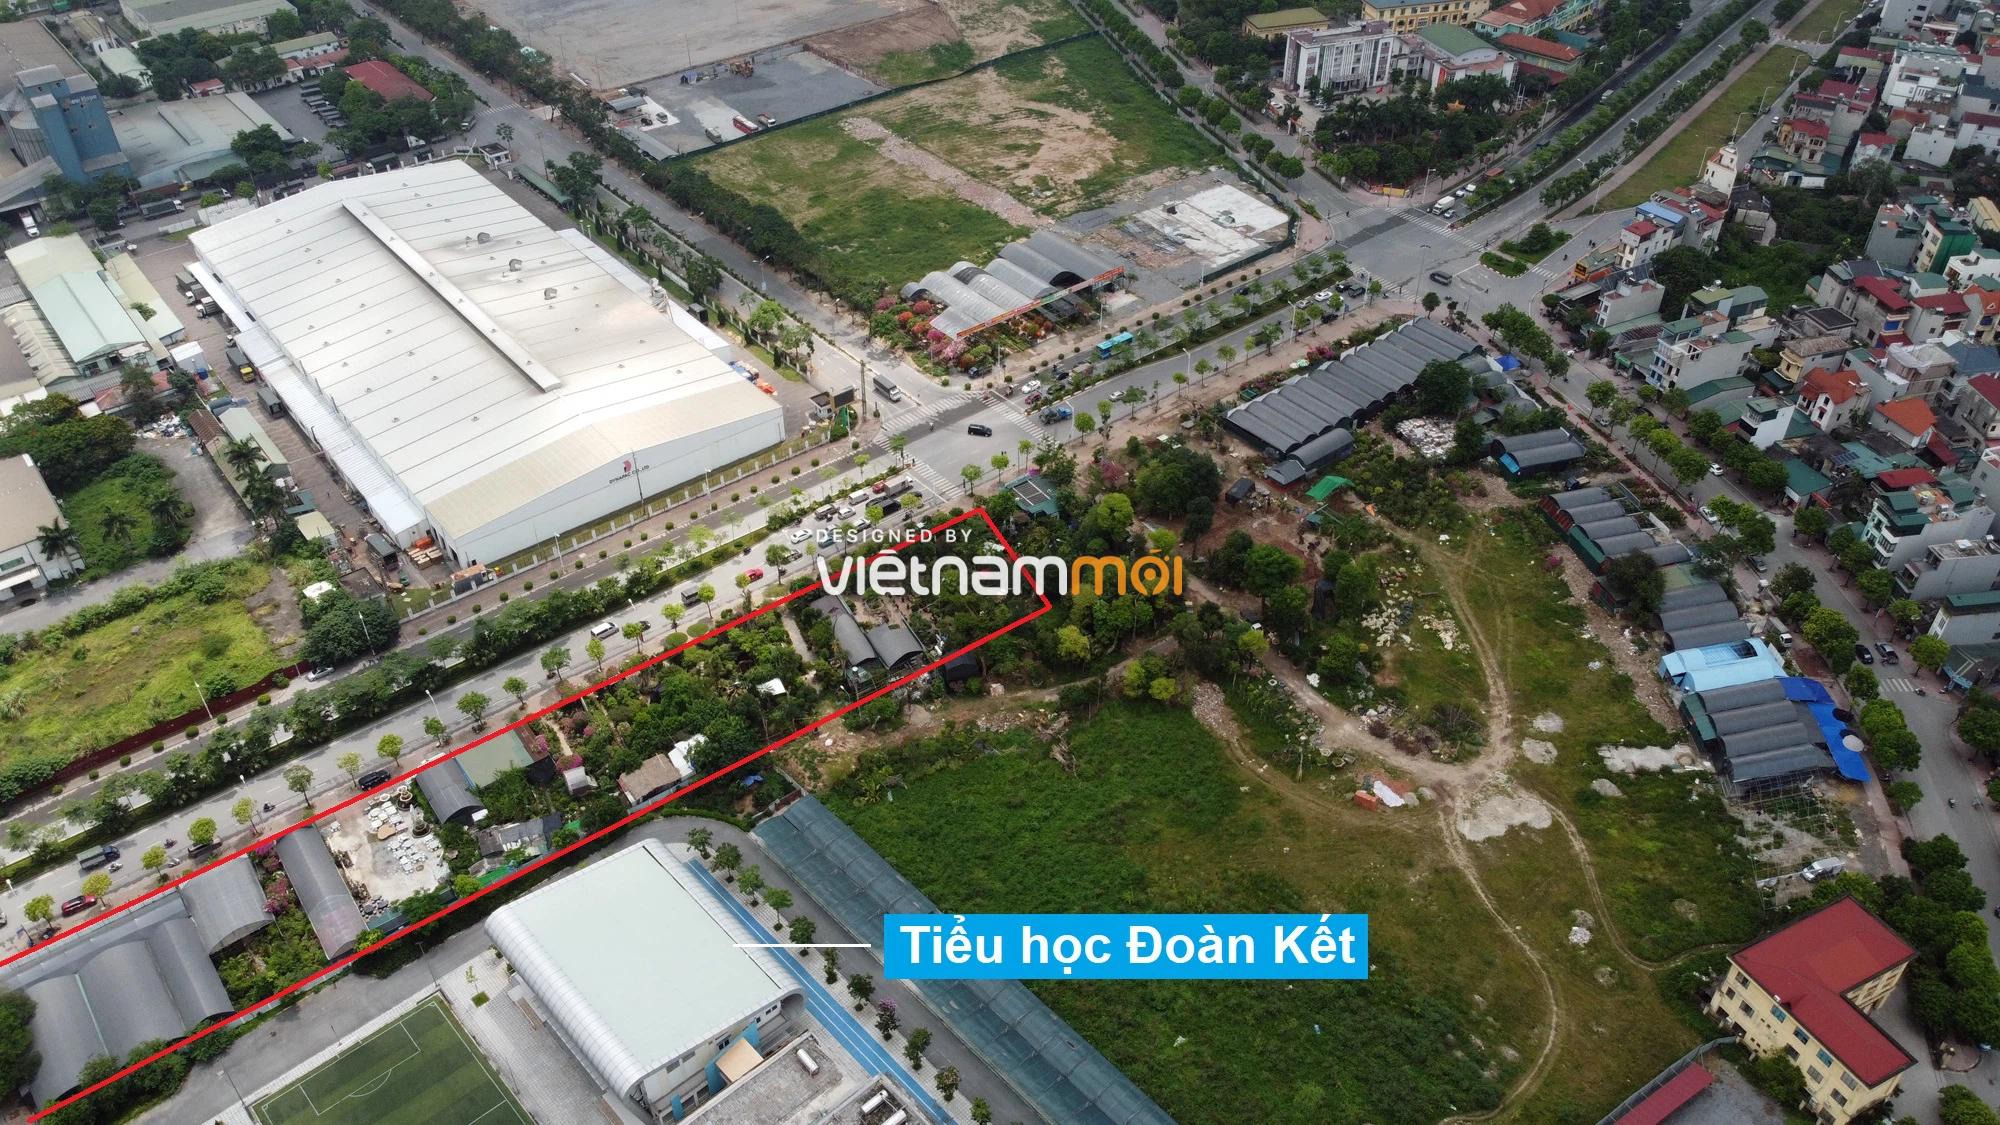 Những khu đất sắp thu hồi để mở đường ở phường Long Biên, Long Biên, Hà Nội (phần 3) - Ảnh 16.